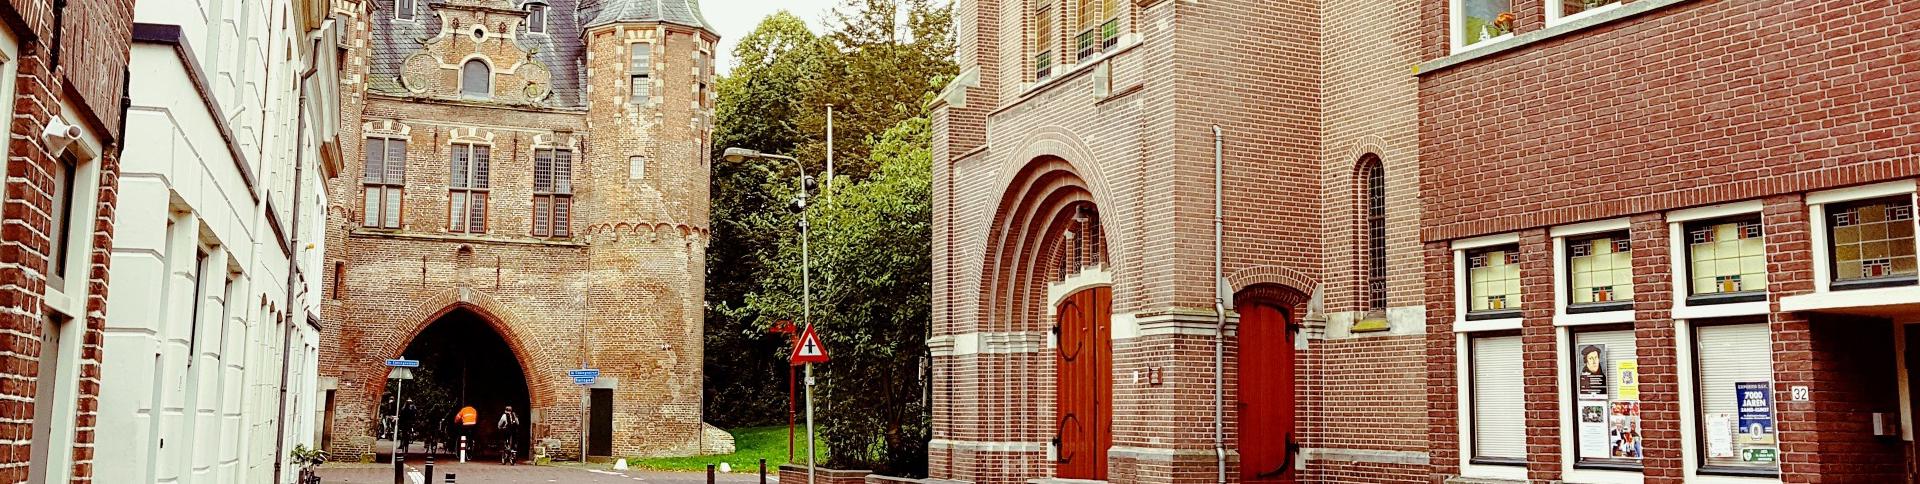 Onderweg naar één kerk